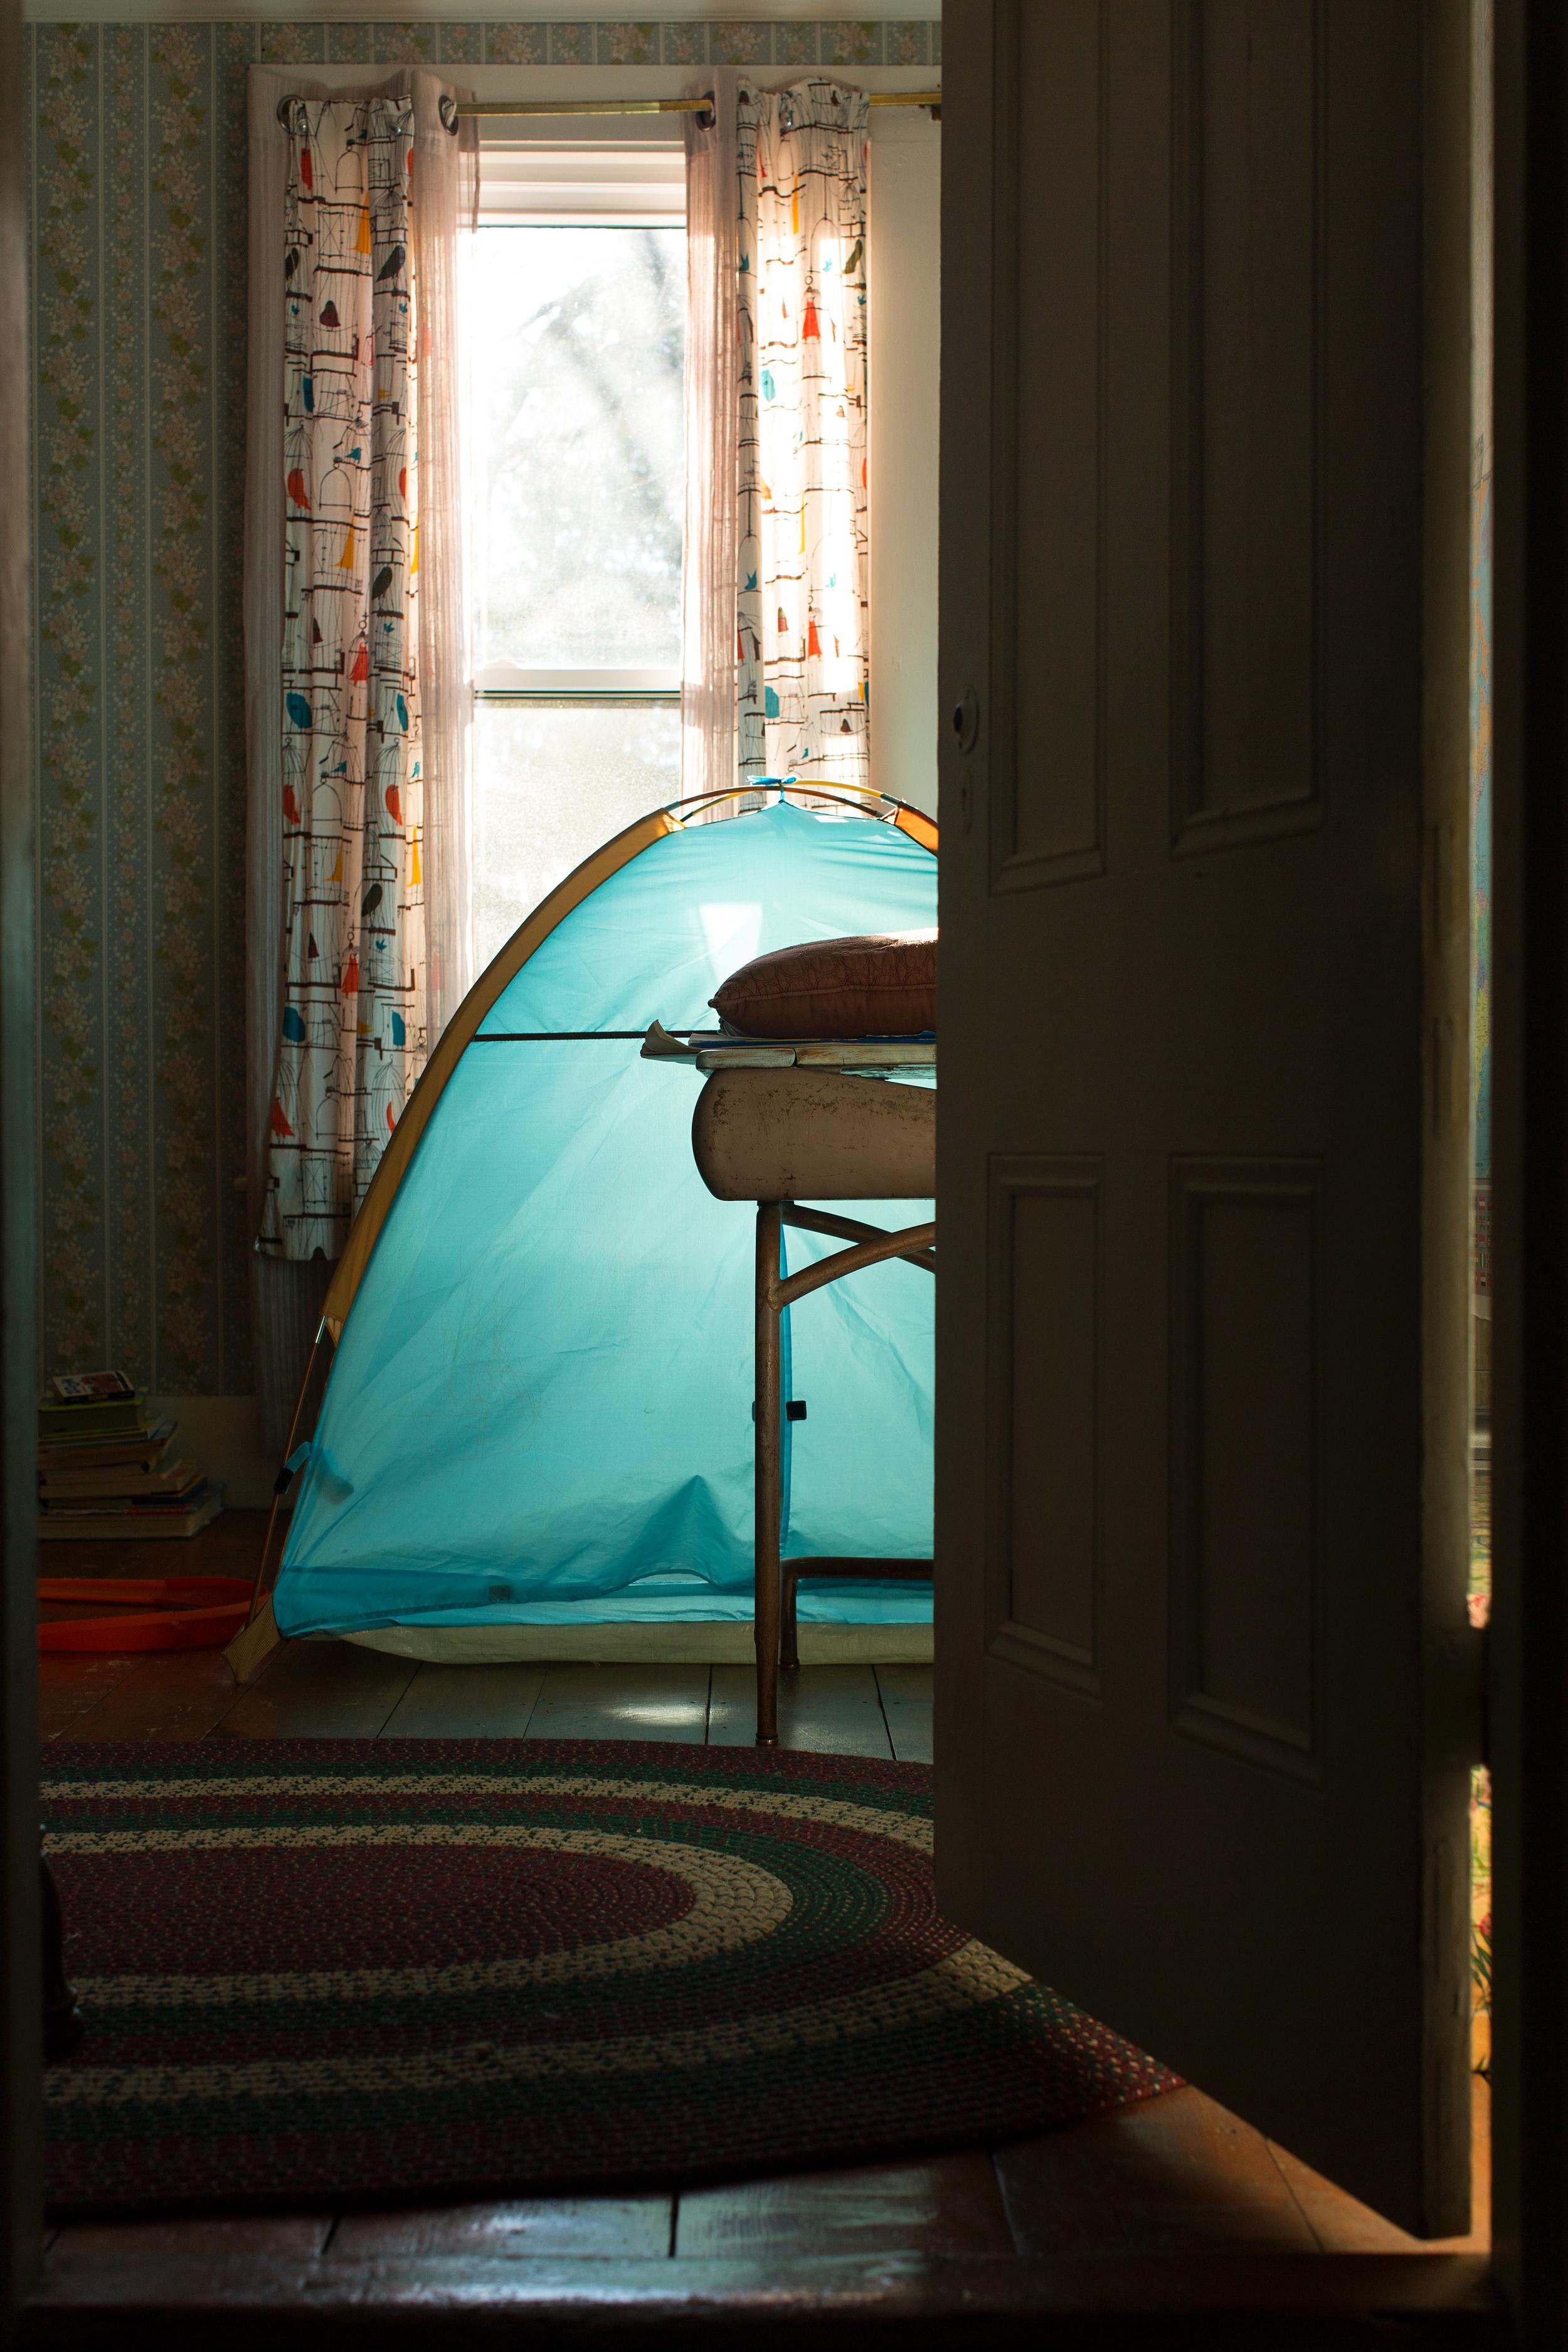 blue_tent_5210_website.jpg